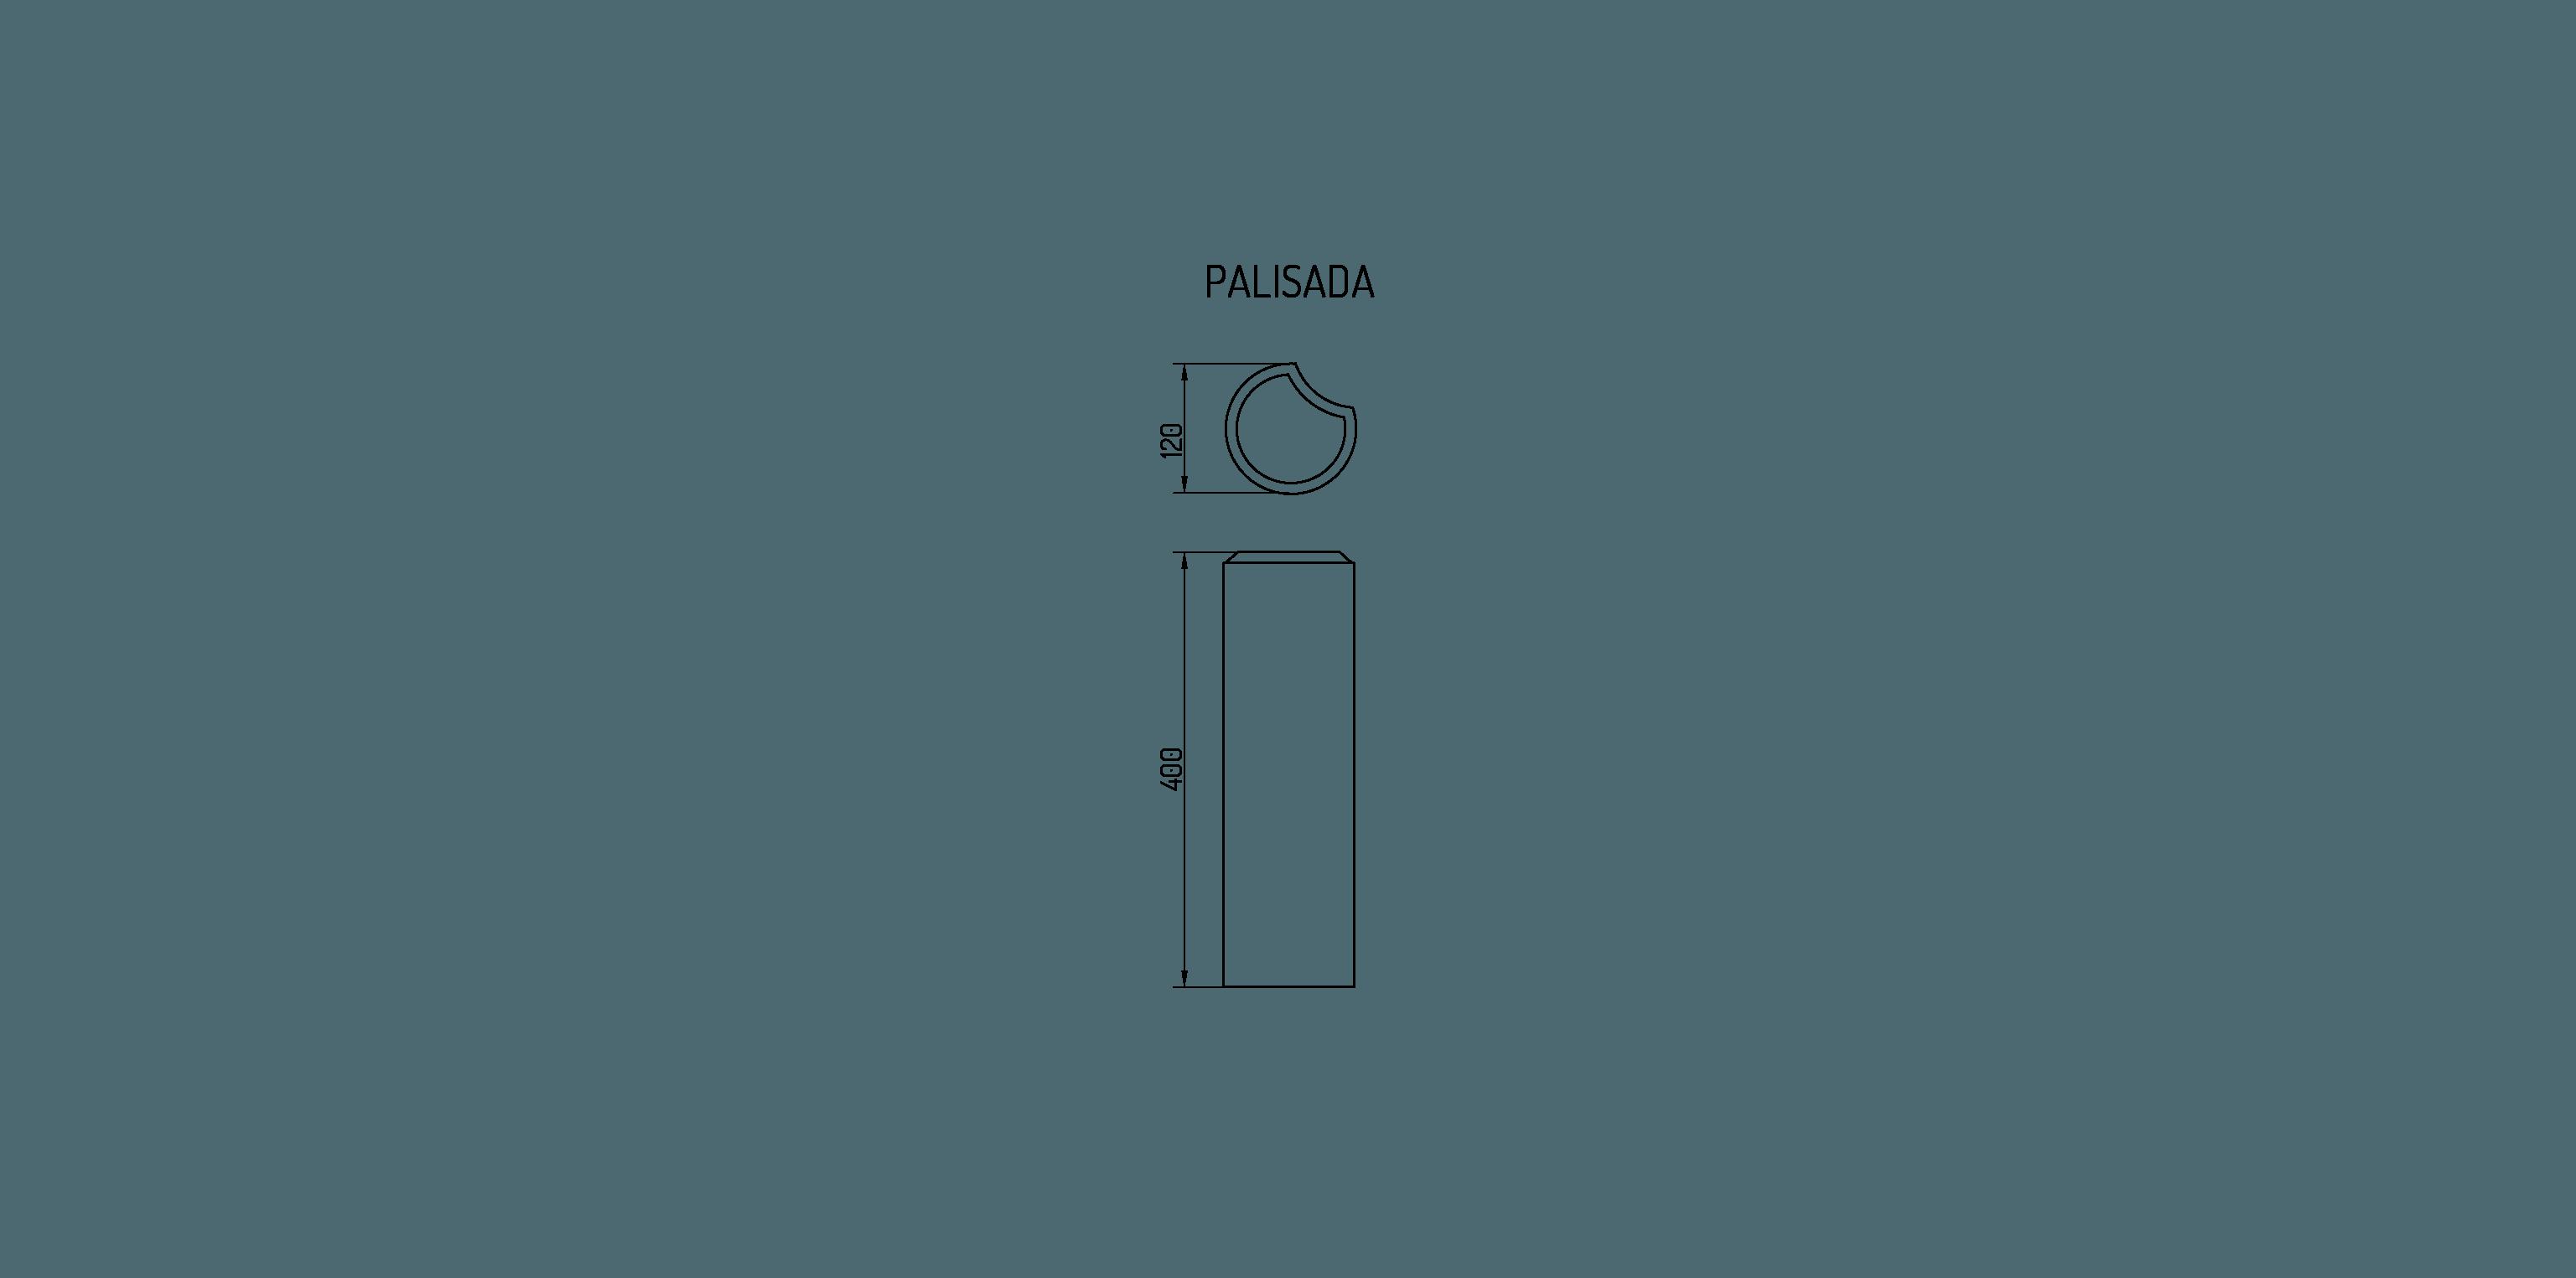 wymiary palisady